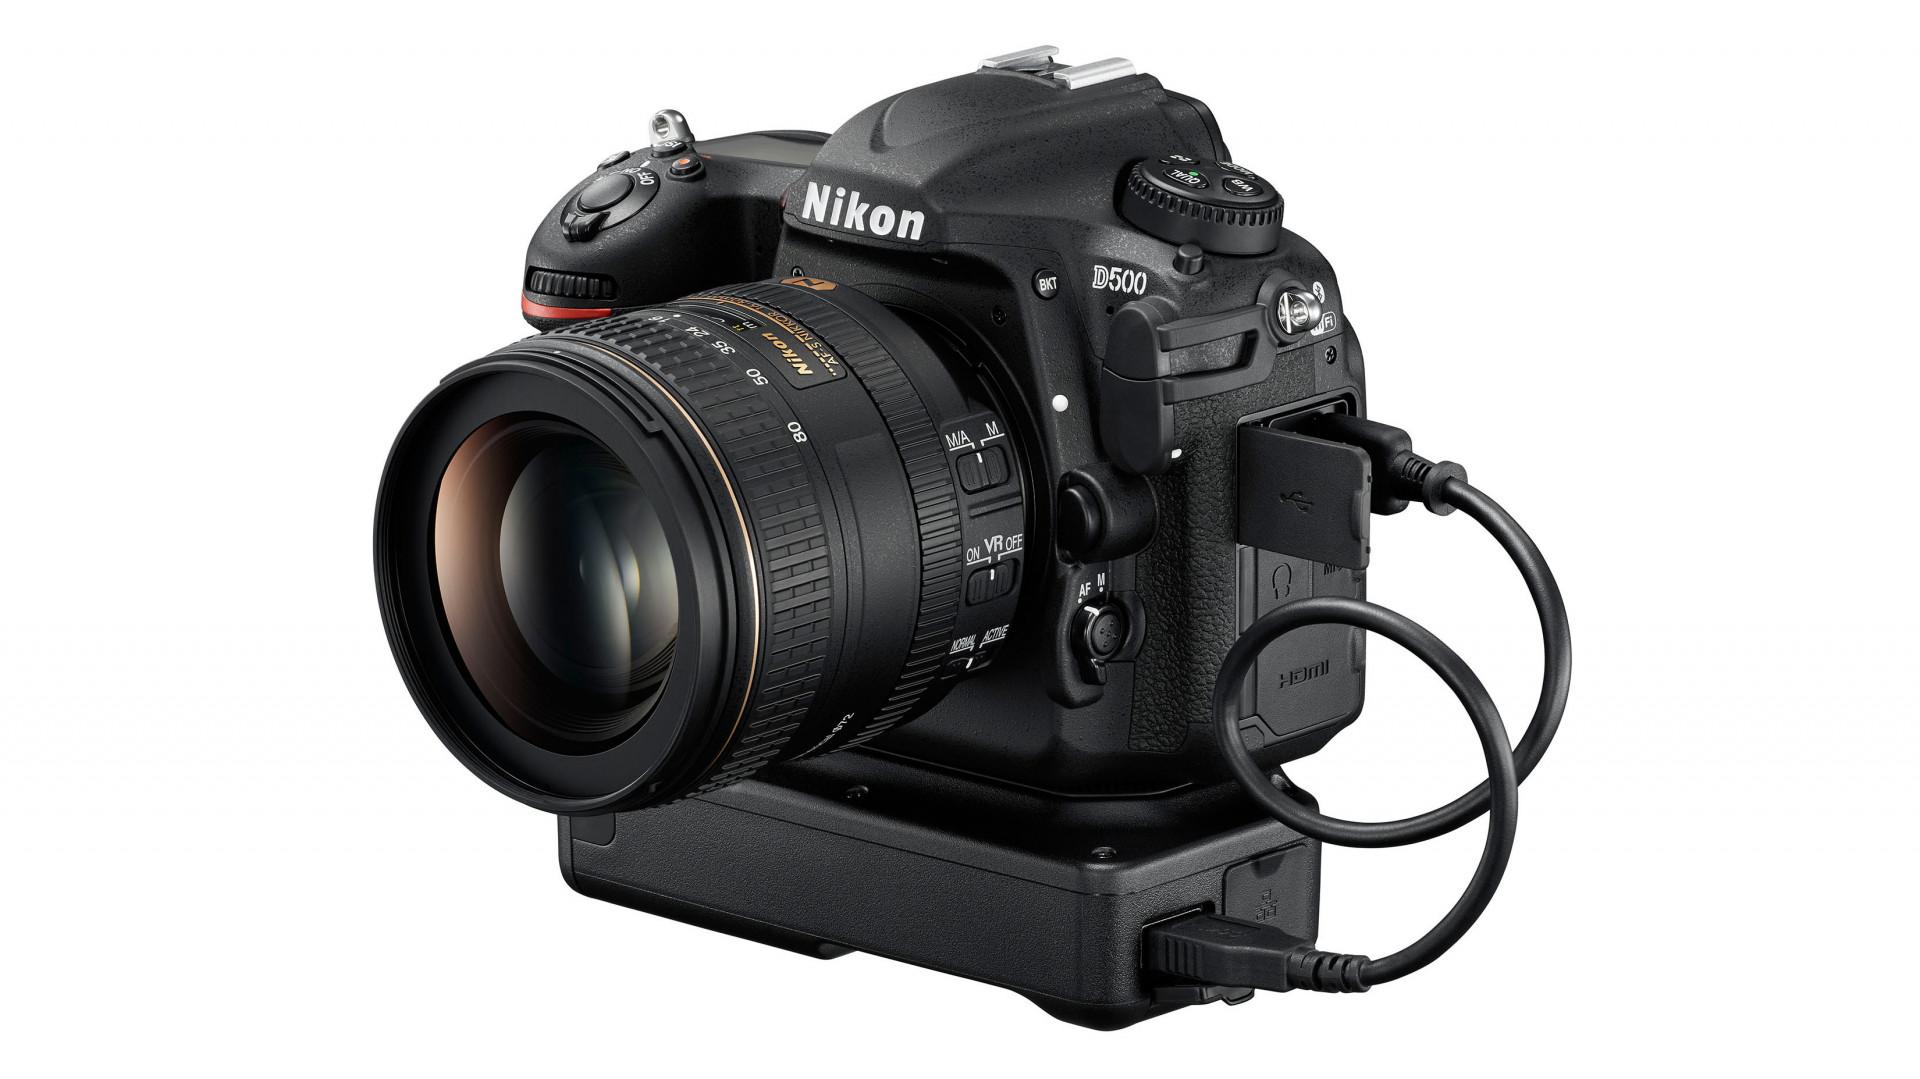 kamera fernsteuerung mit dslrdashboard Kunde vs nikon abmahnung wegen proprietärem wlan mit bluetooth